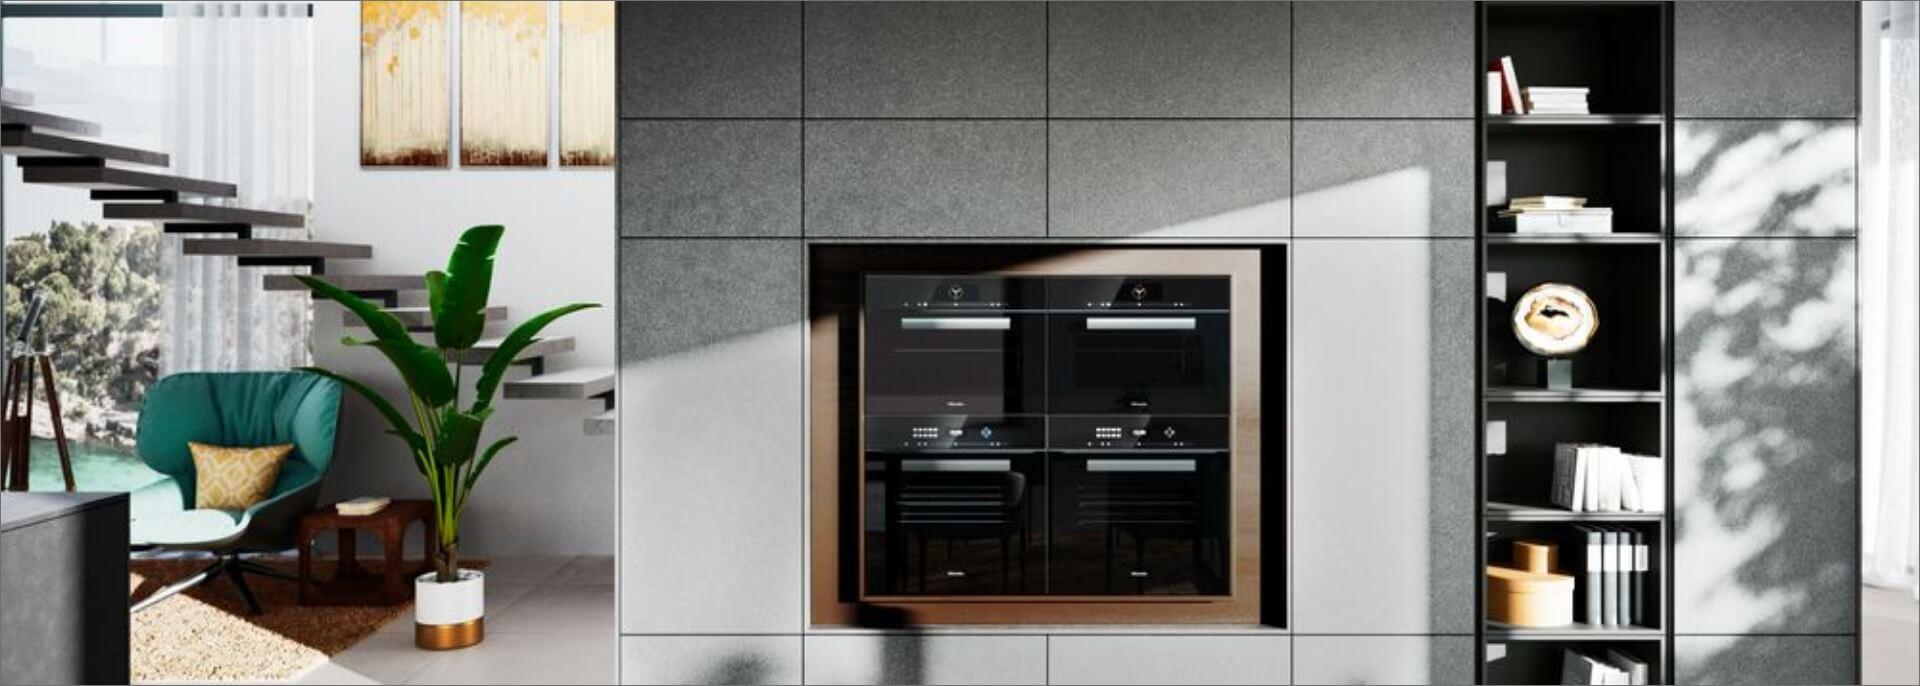 header-appliances